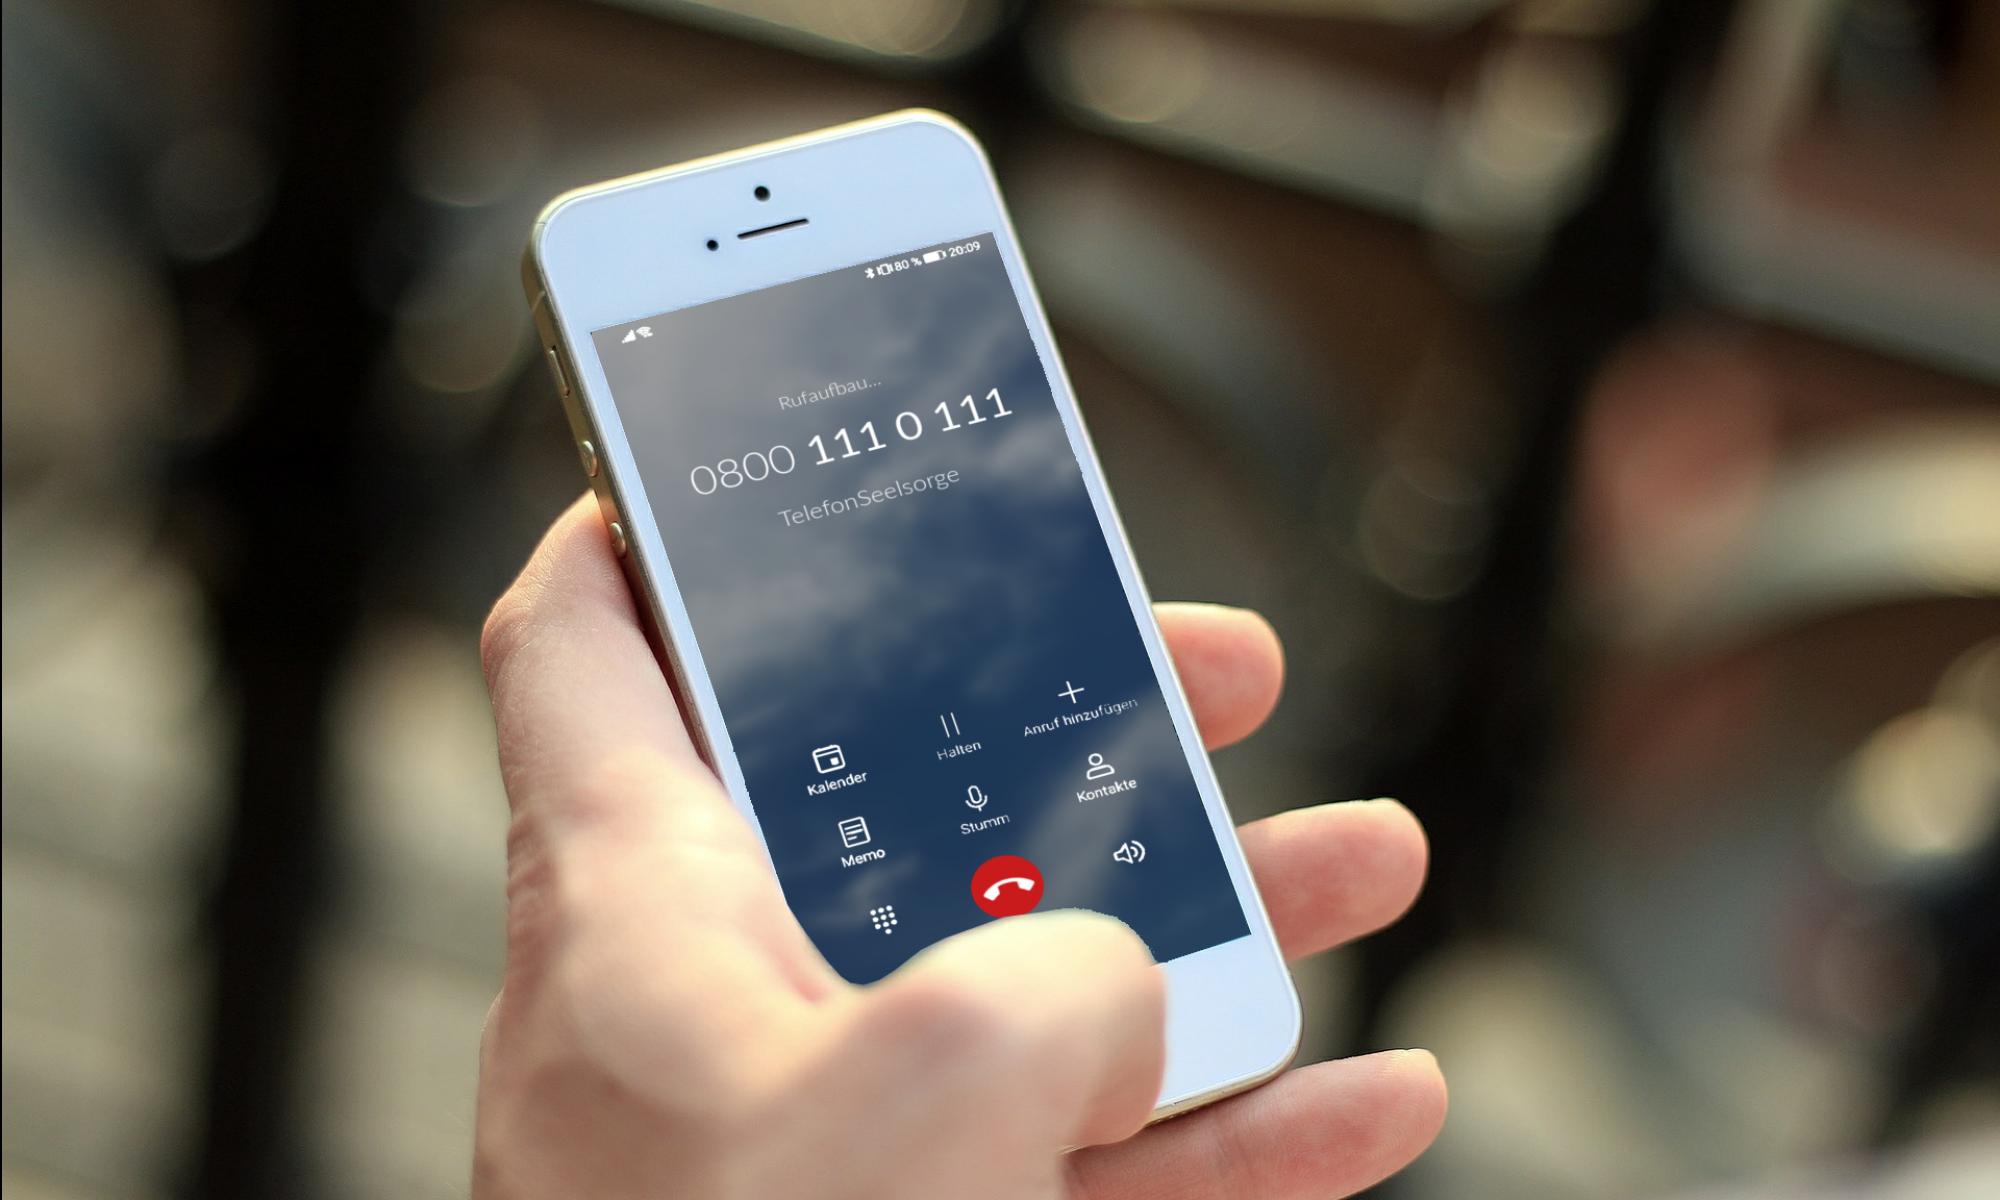 Förderkreis TelefonSeelsorge